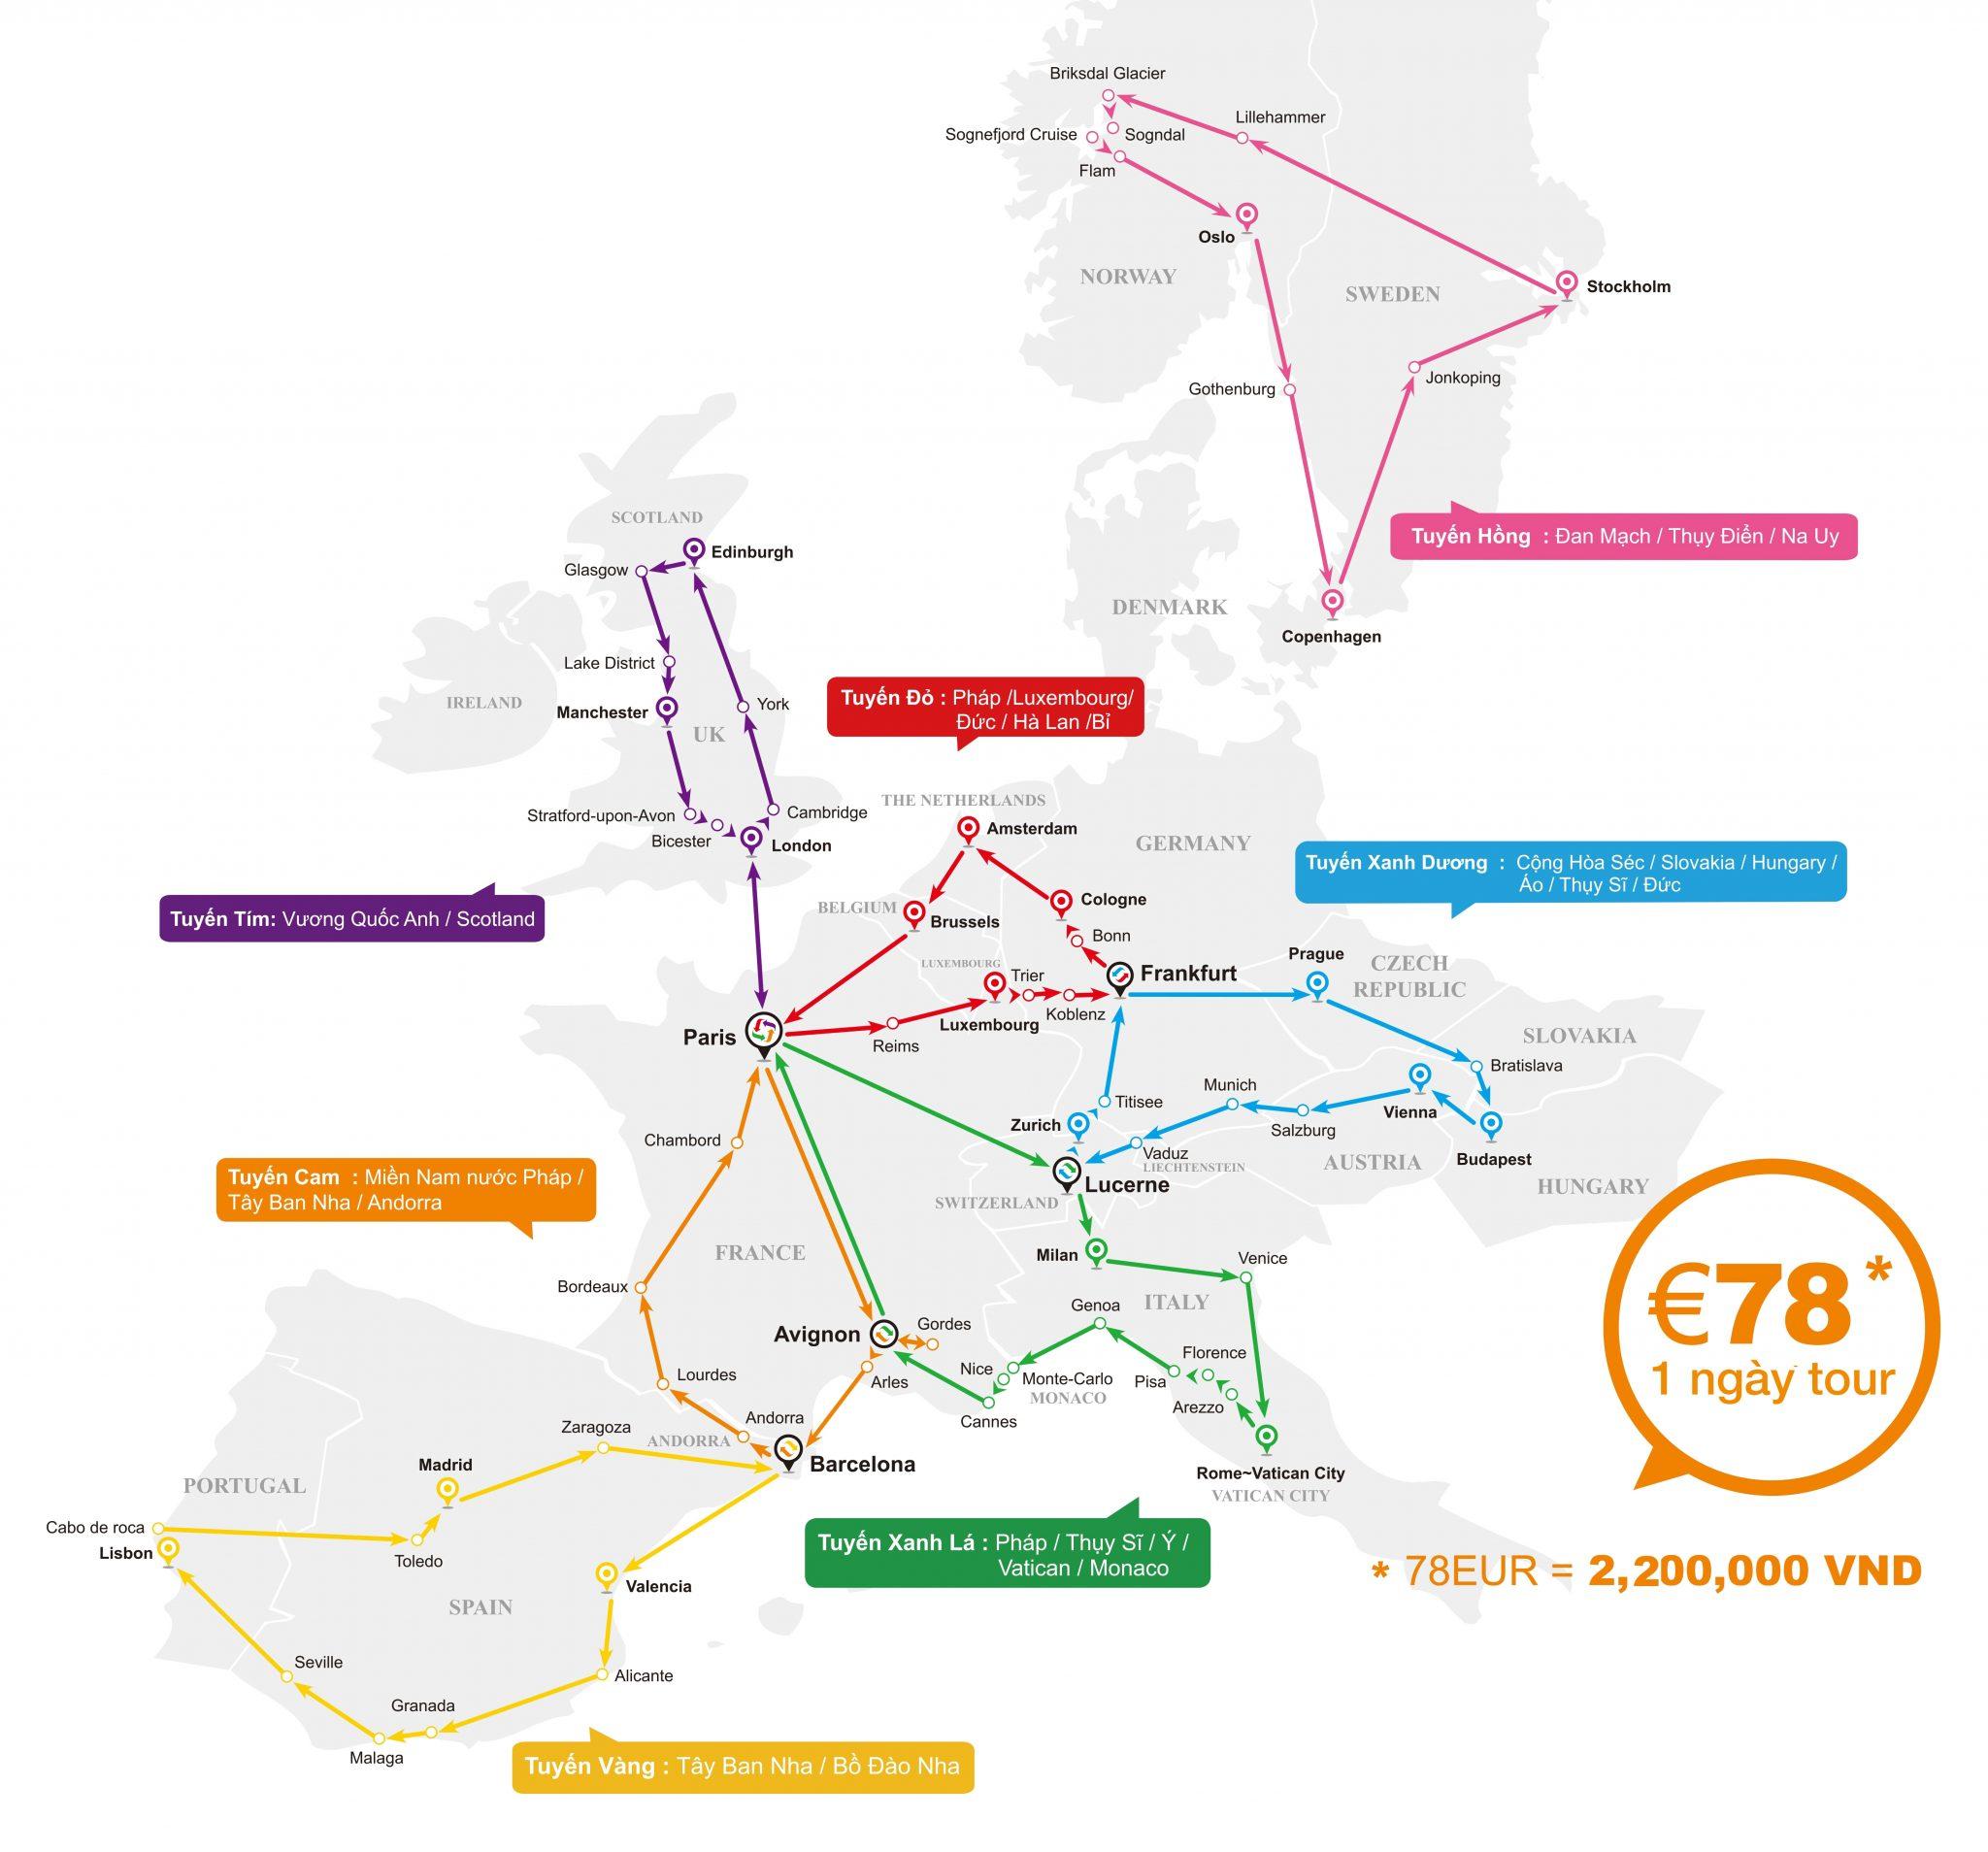 Bản đồ các tuyến du lịch Châu Âu 2018